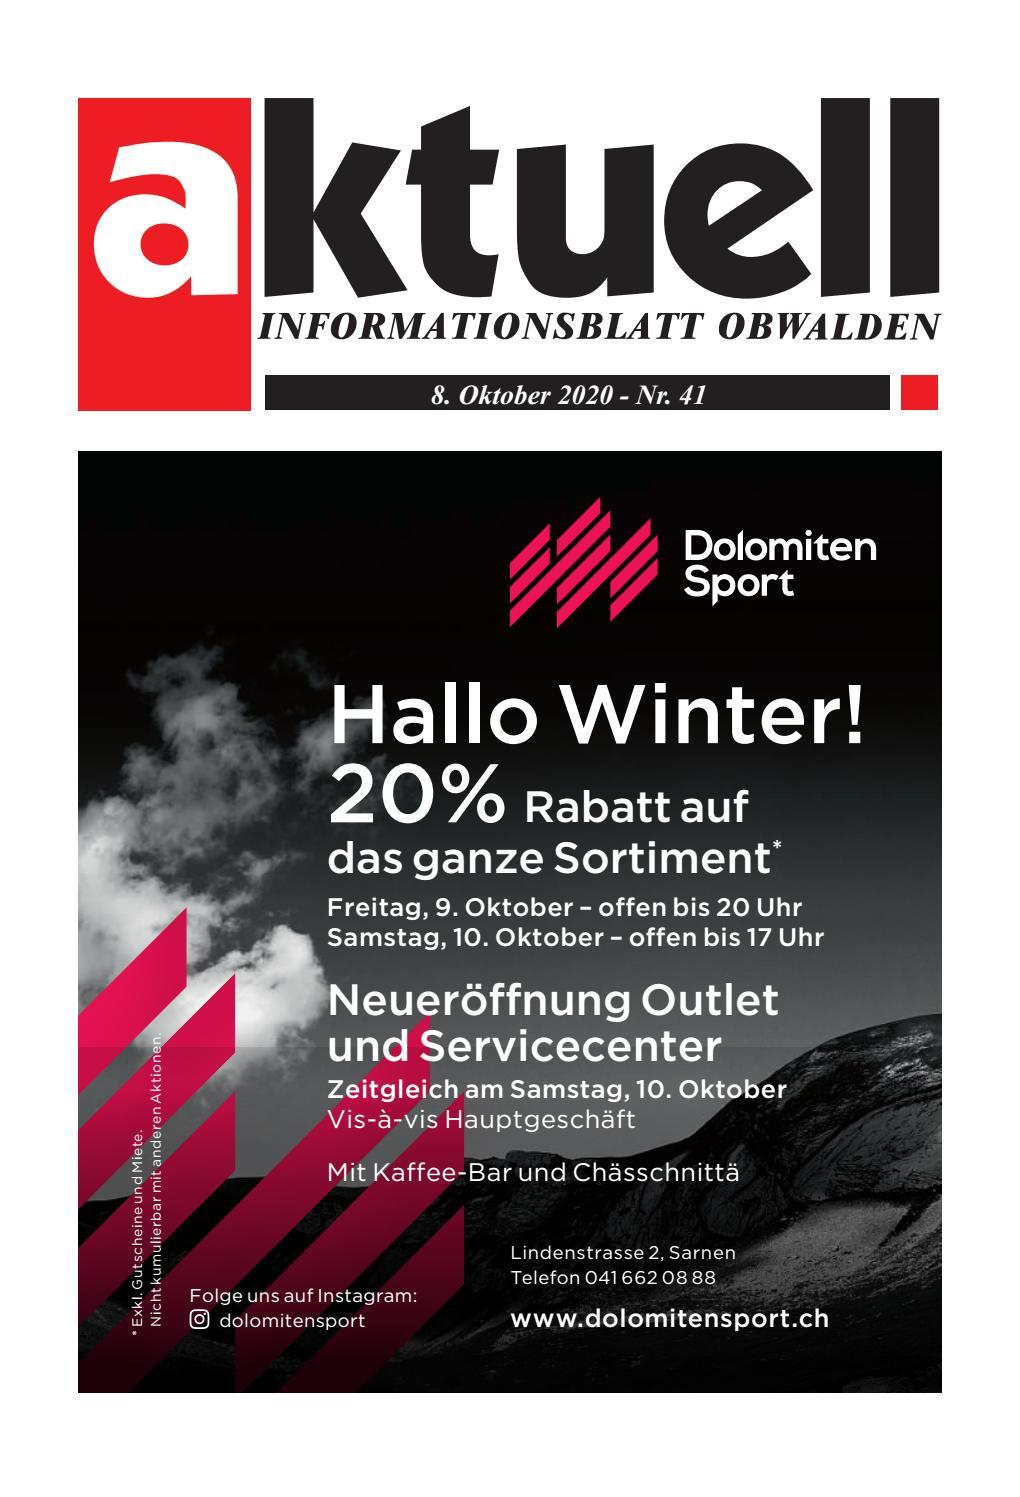 singles.ch - Die Partnersuche der Schweiz